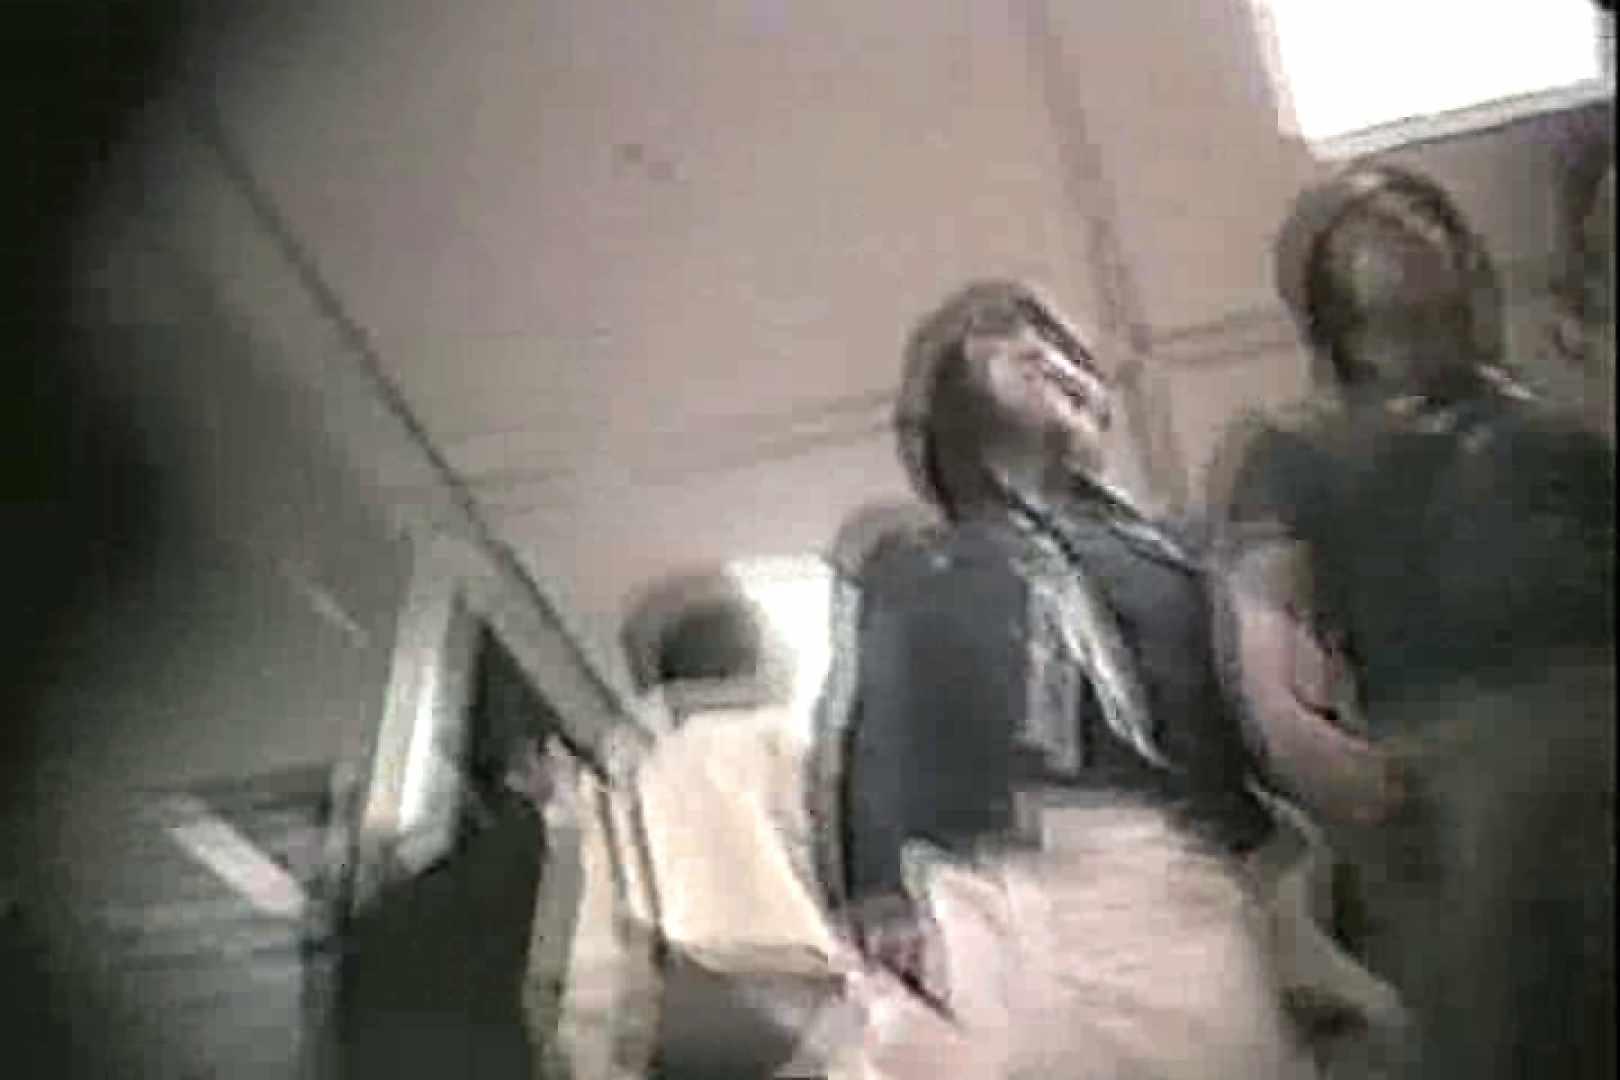 「ちくりん」さんのオリジナル未編集パンチラVol.4_02 パンチラ放出 盗撮セックス無修正動画無料 69pic 4